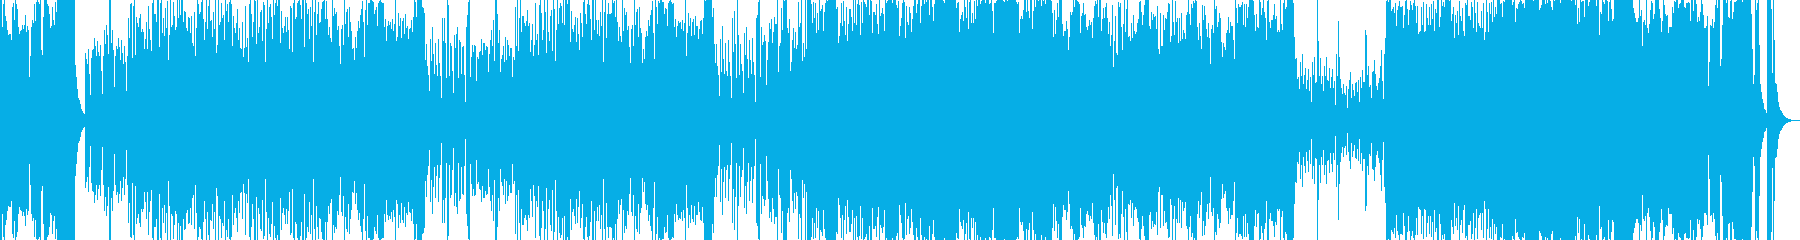 オープニング行進オーケストラ発表シリーズの再生済みの波形